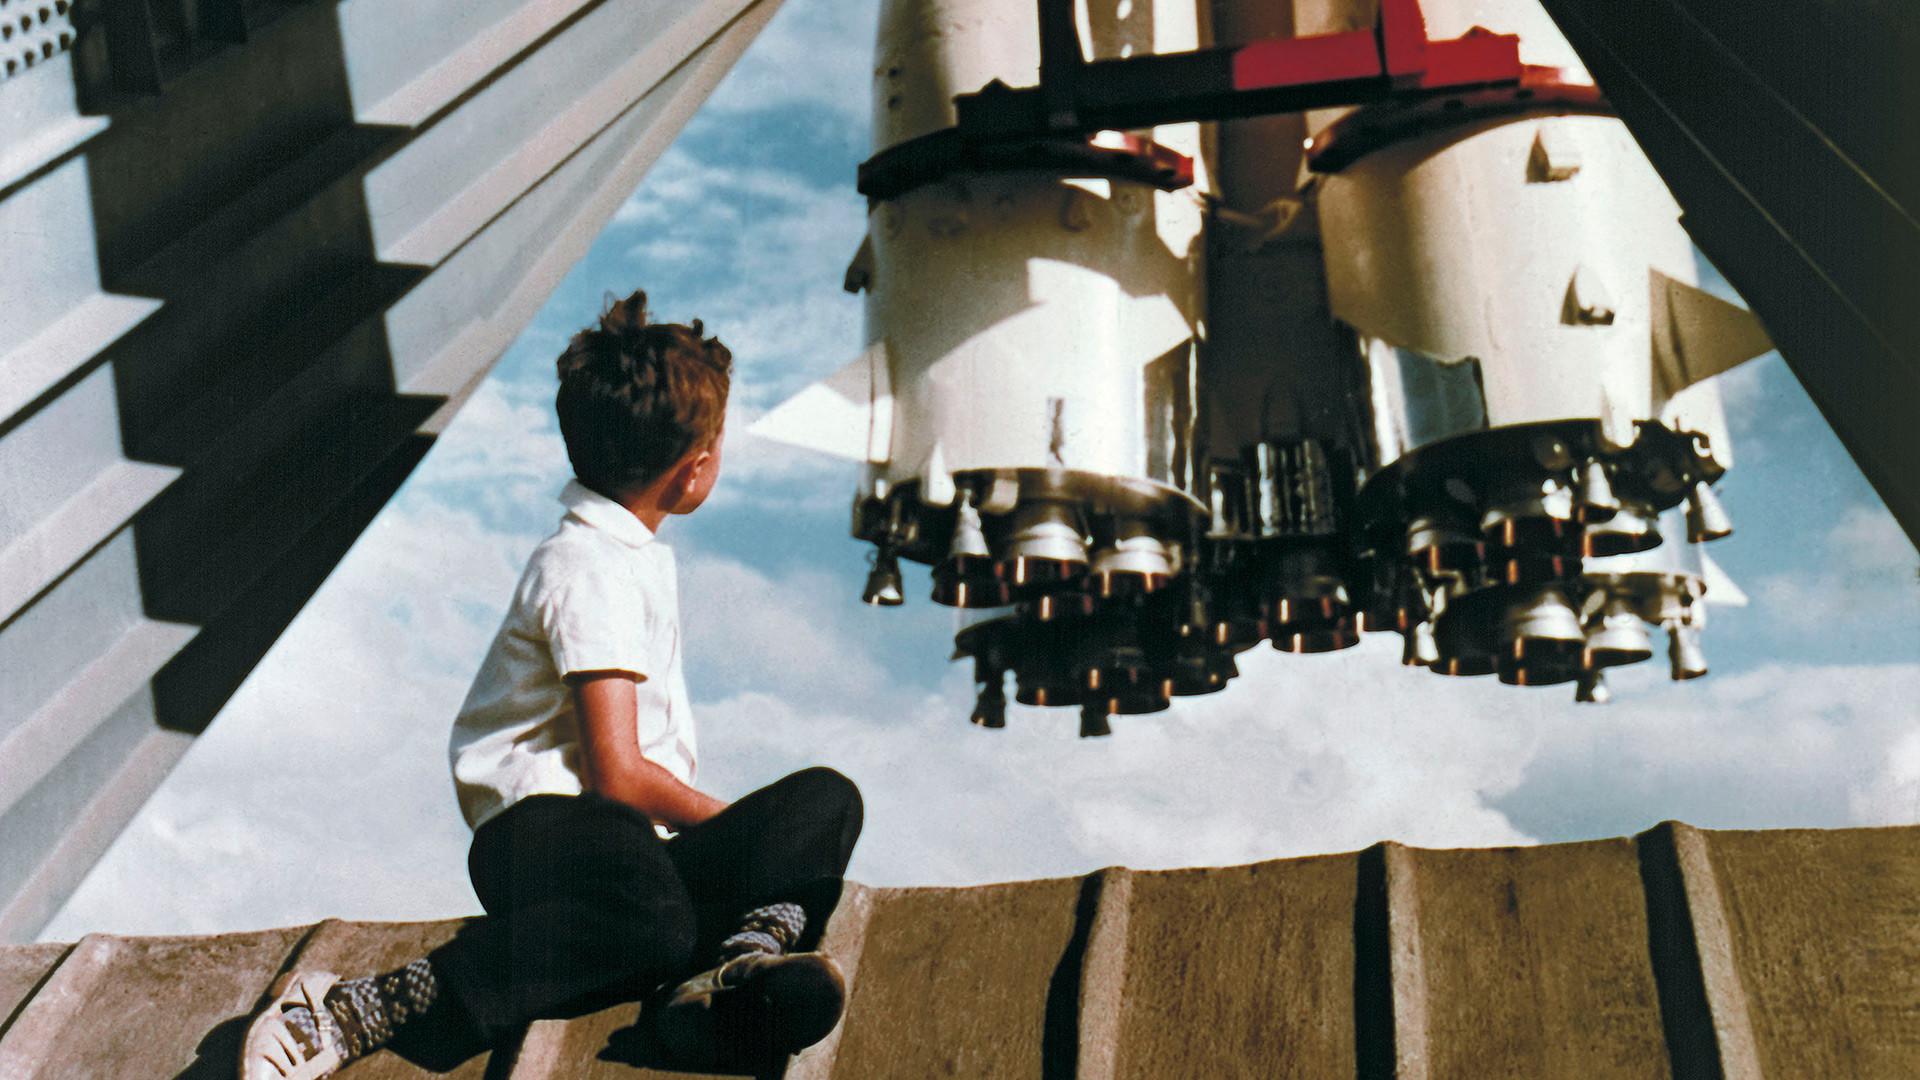 Seorang anak di paviliun ruang angkasa VDNKh, Moskow.